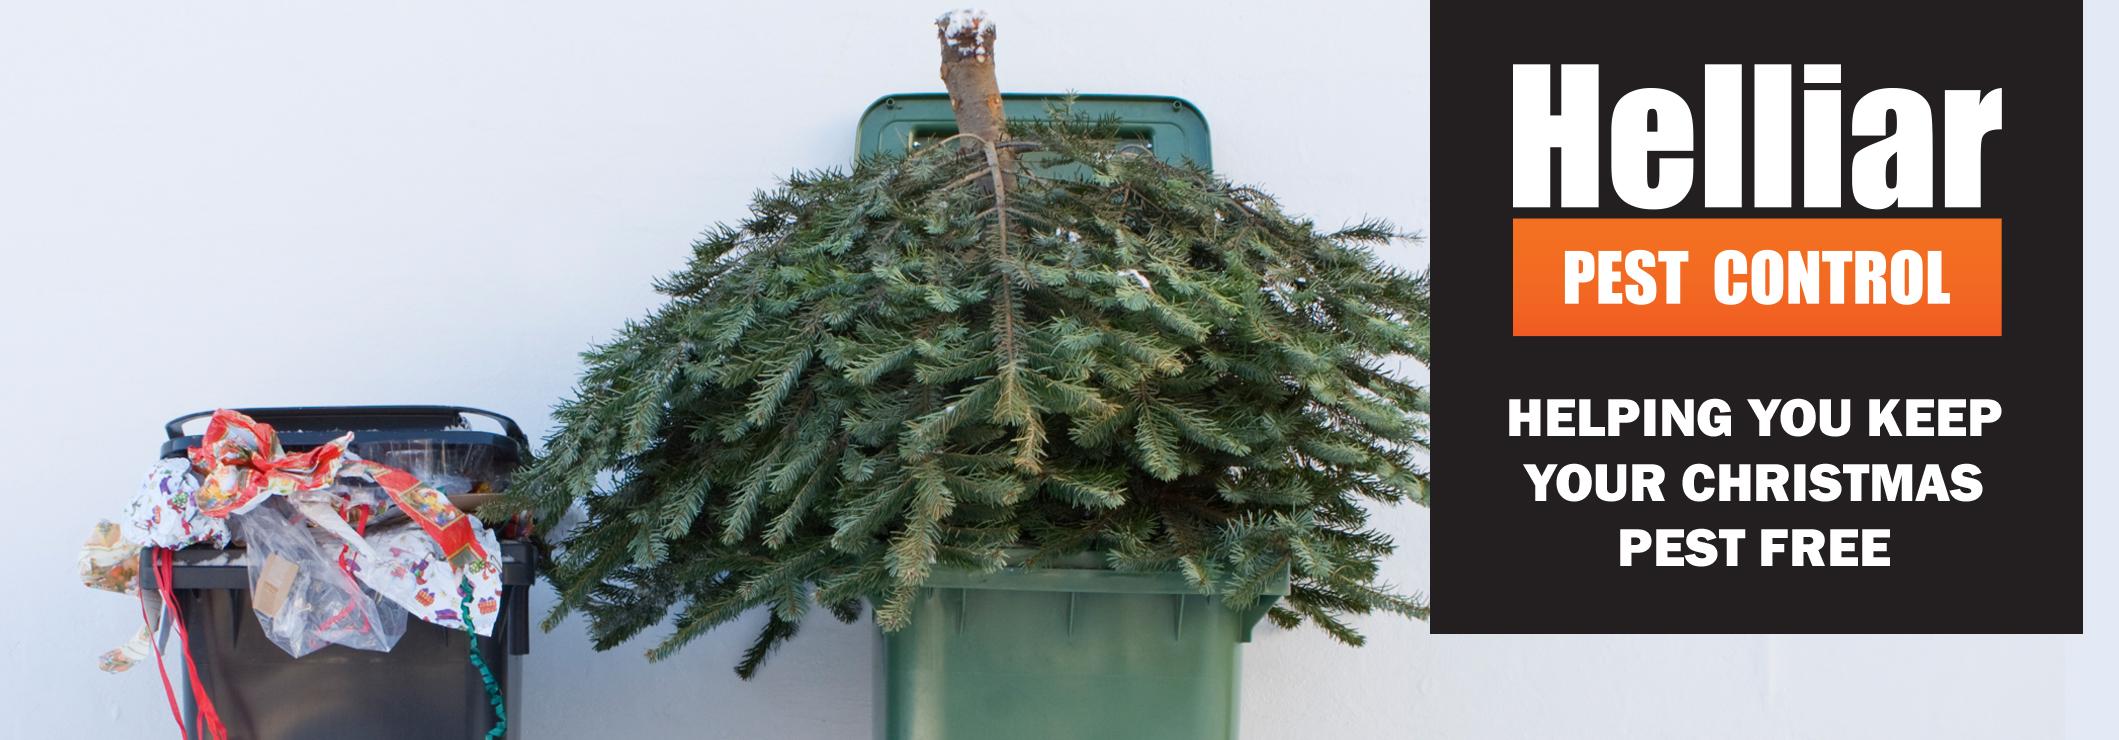 Christmas pest control